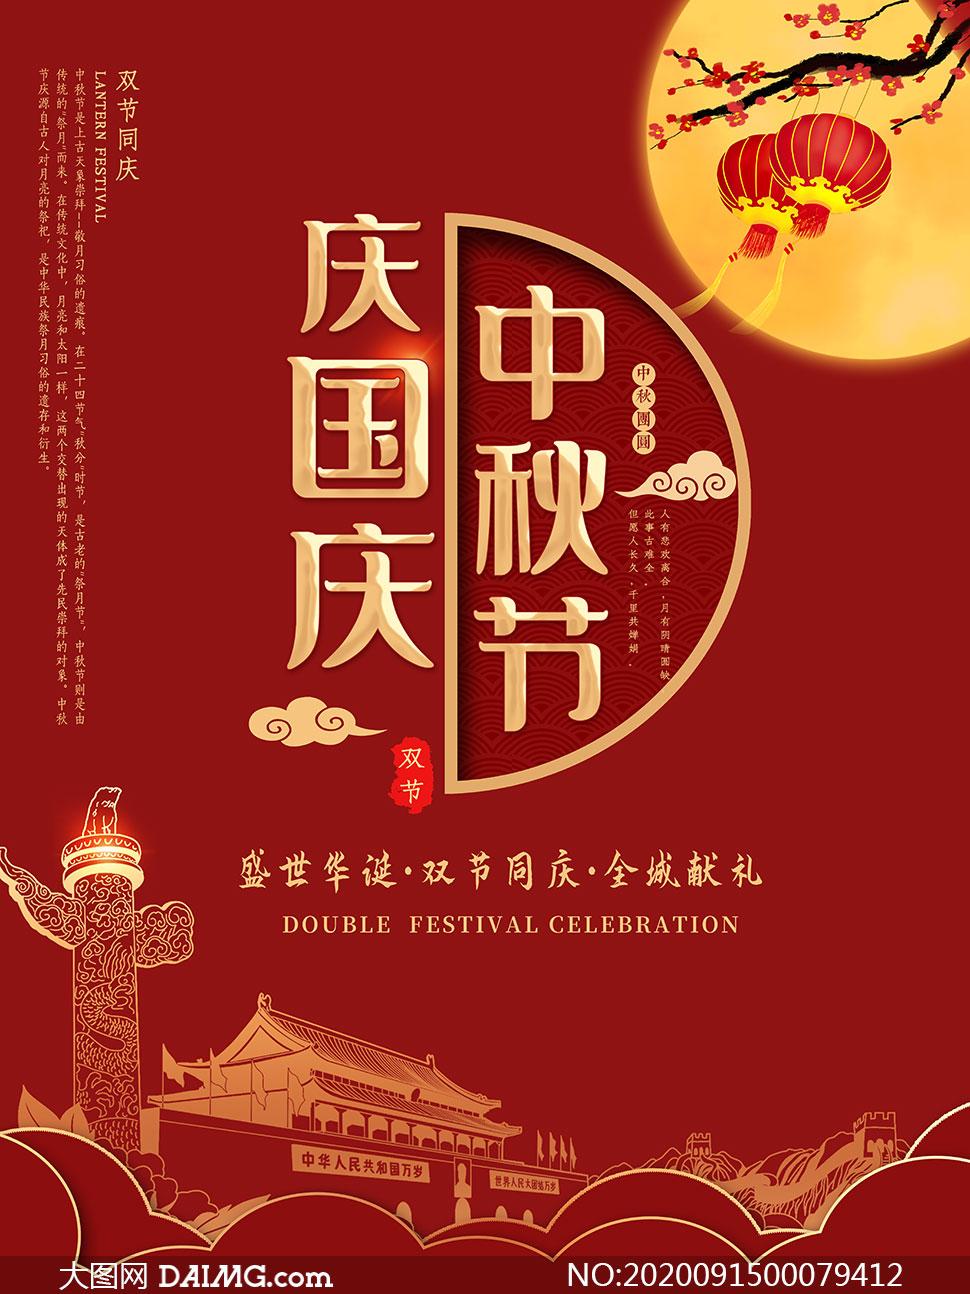 中秋国庆双节庆活动宣传单PSD素材